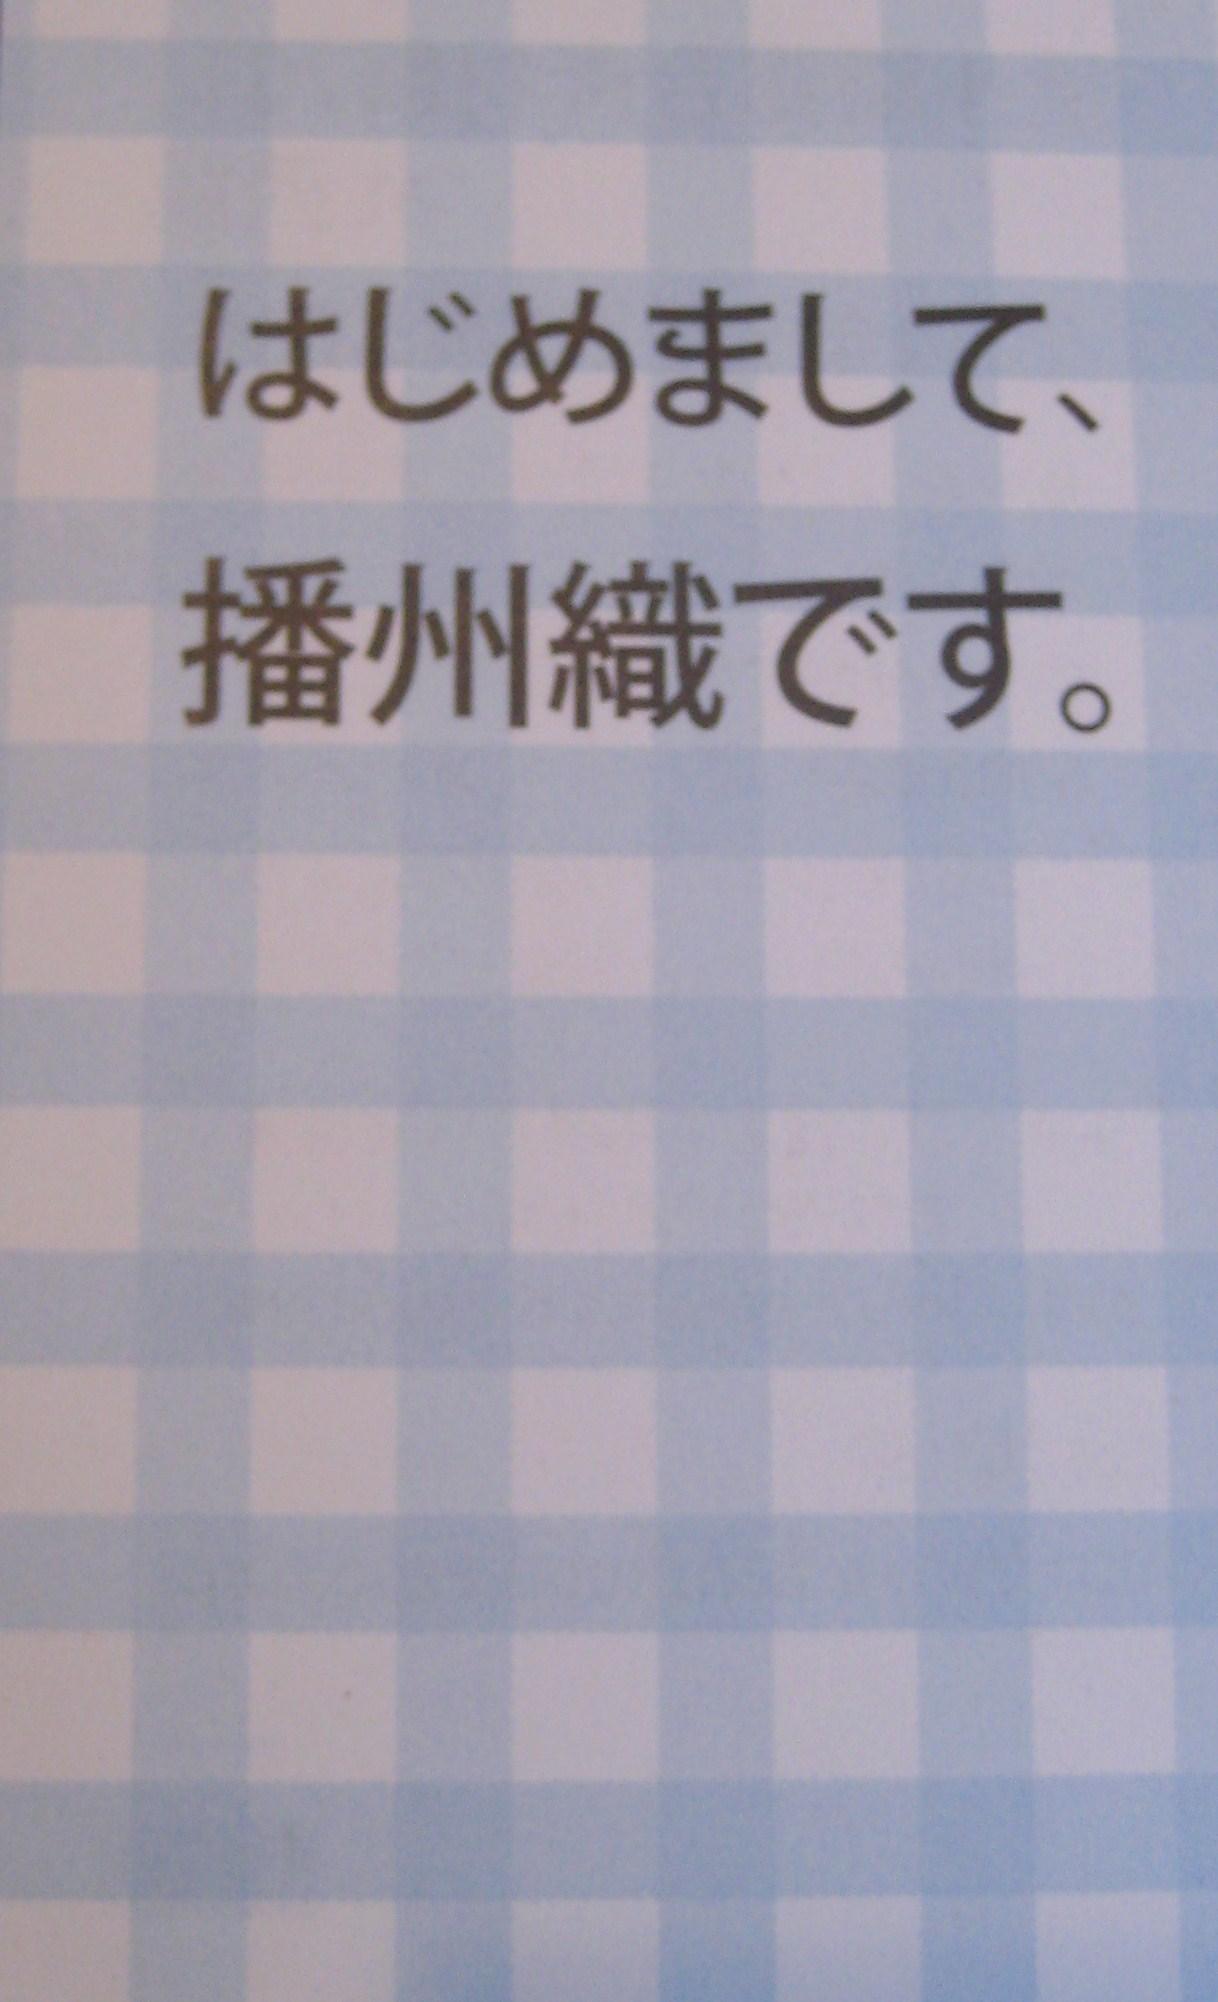 播州織総合素材展2011 at西脇_c0214750_15231353.jpg